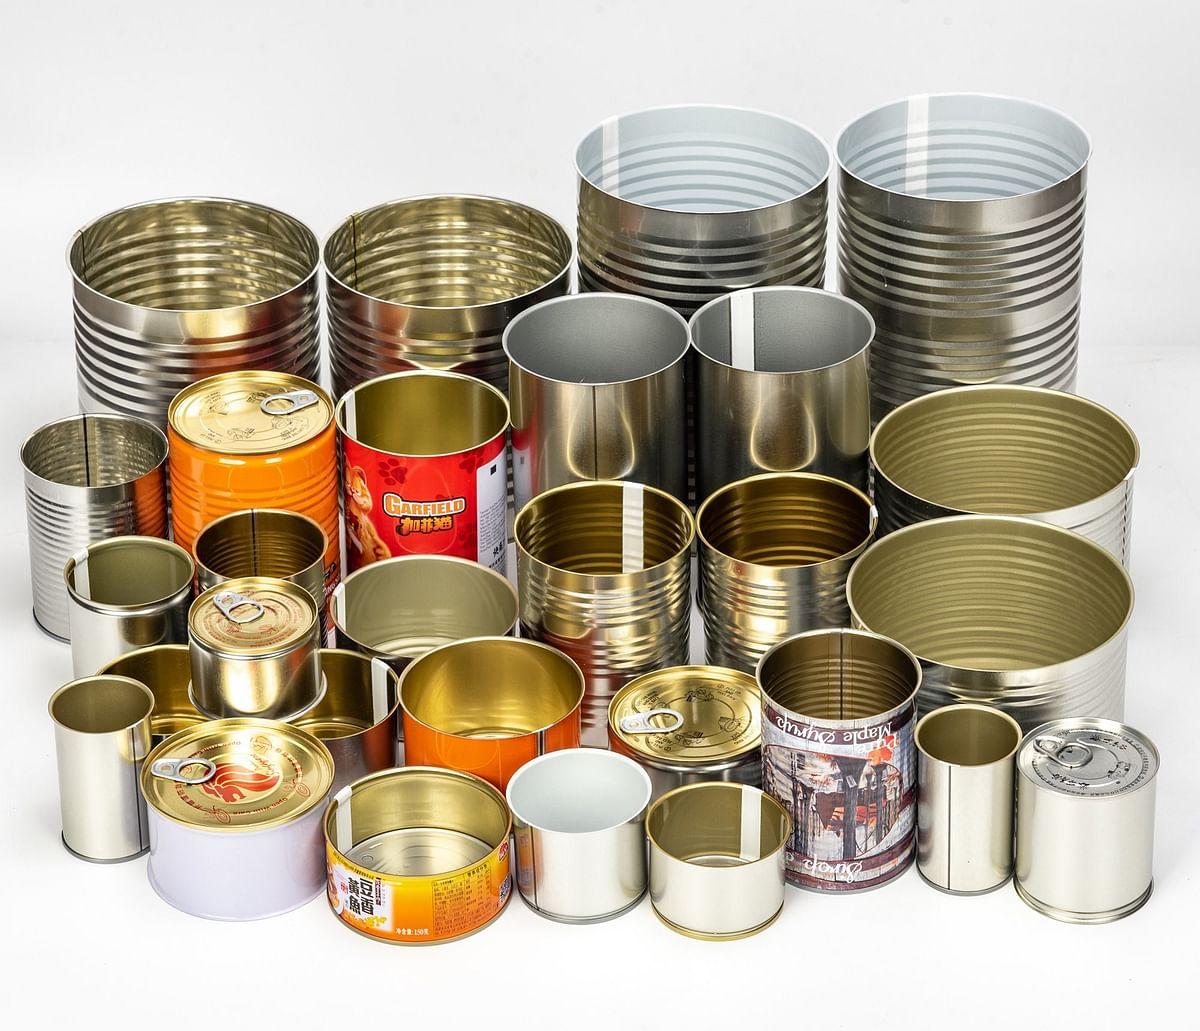 Indian Metal Packaging Industry Seeks Relief from Steel Ministry